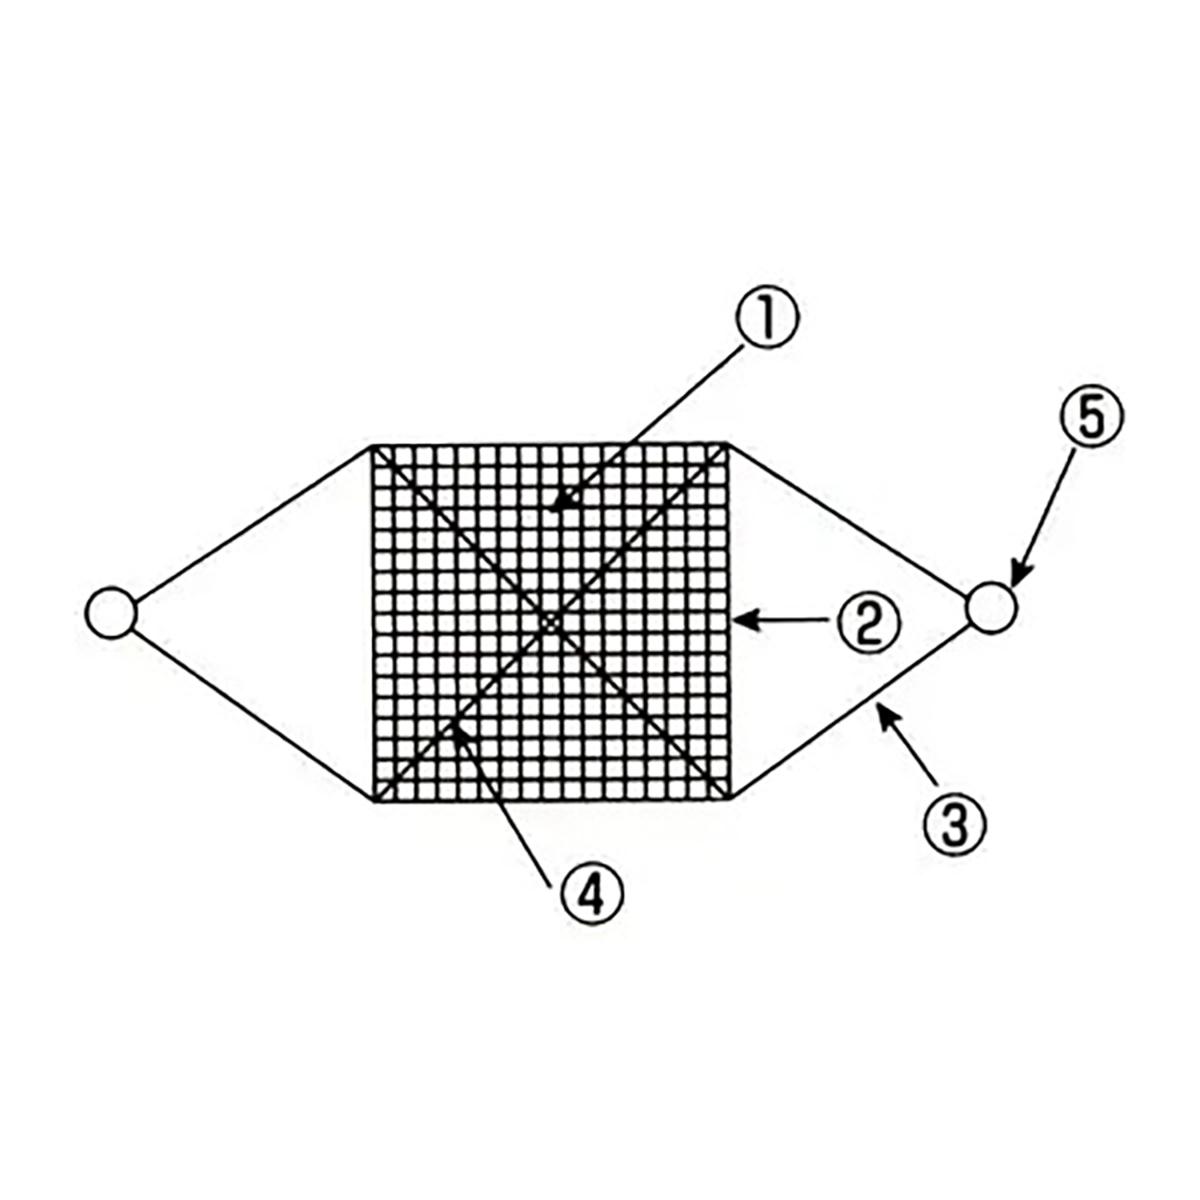 ワイヤーモッコ シート付 1.5m角  網目サイズ120mm